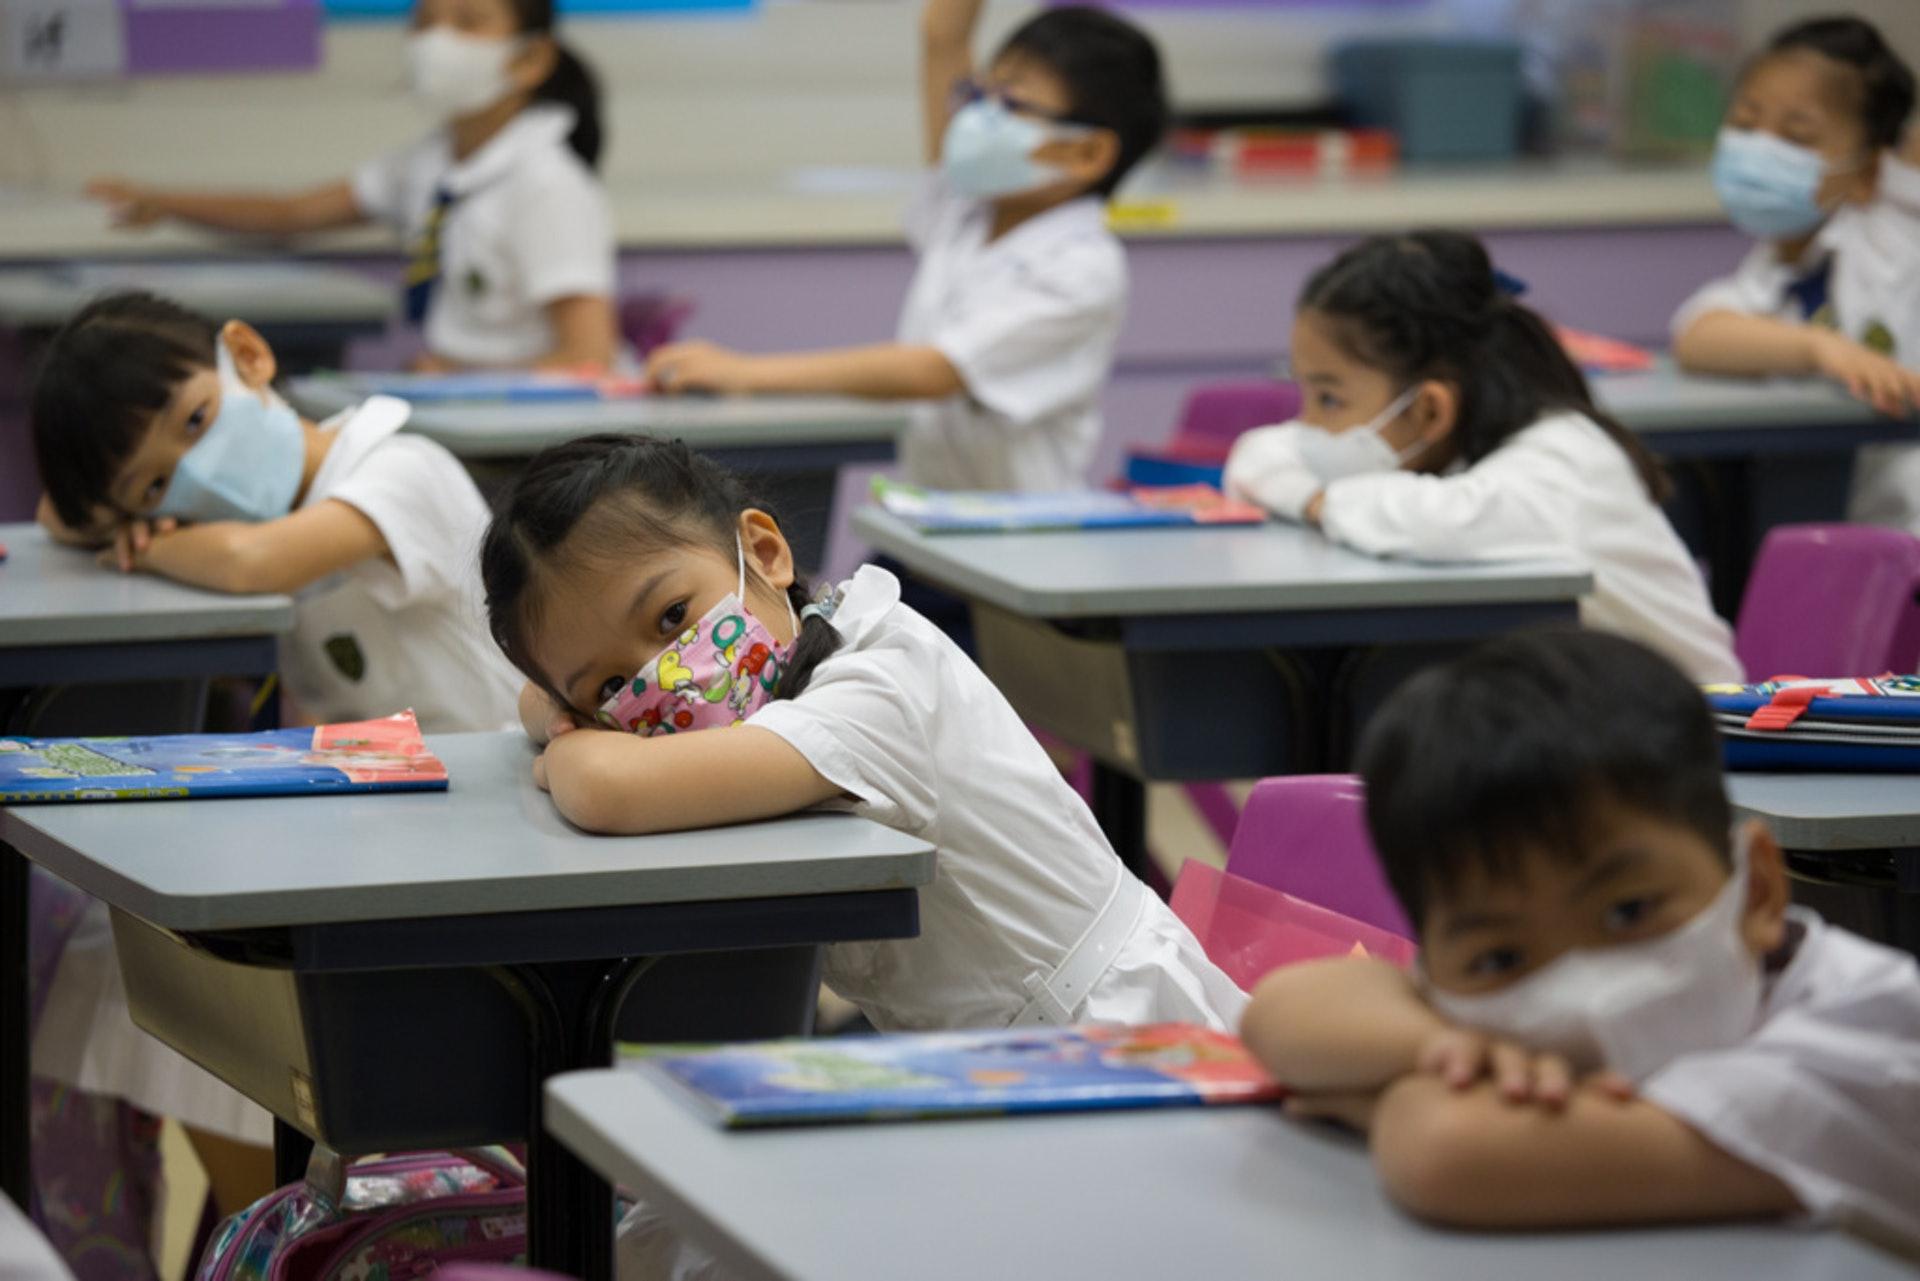 本港小一適齡人口下跌,加上受移民潮夾擊,令學校面對縮班殺校危機。(資料圖片)